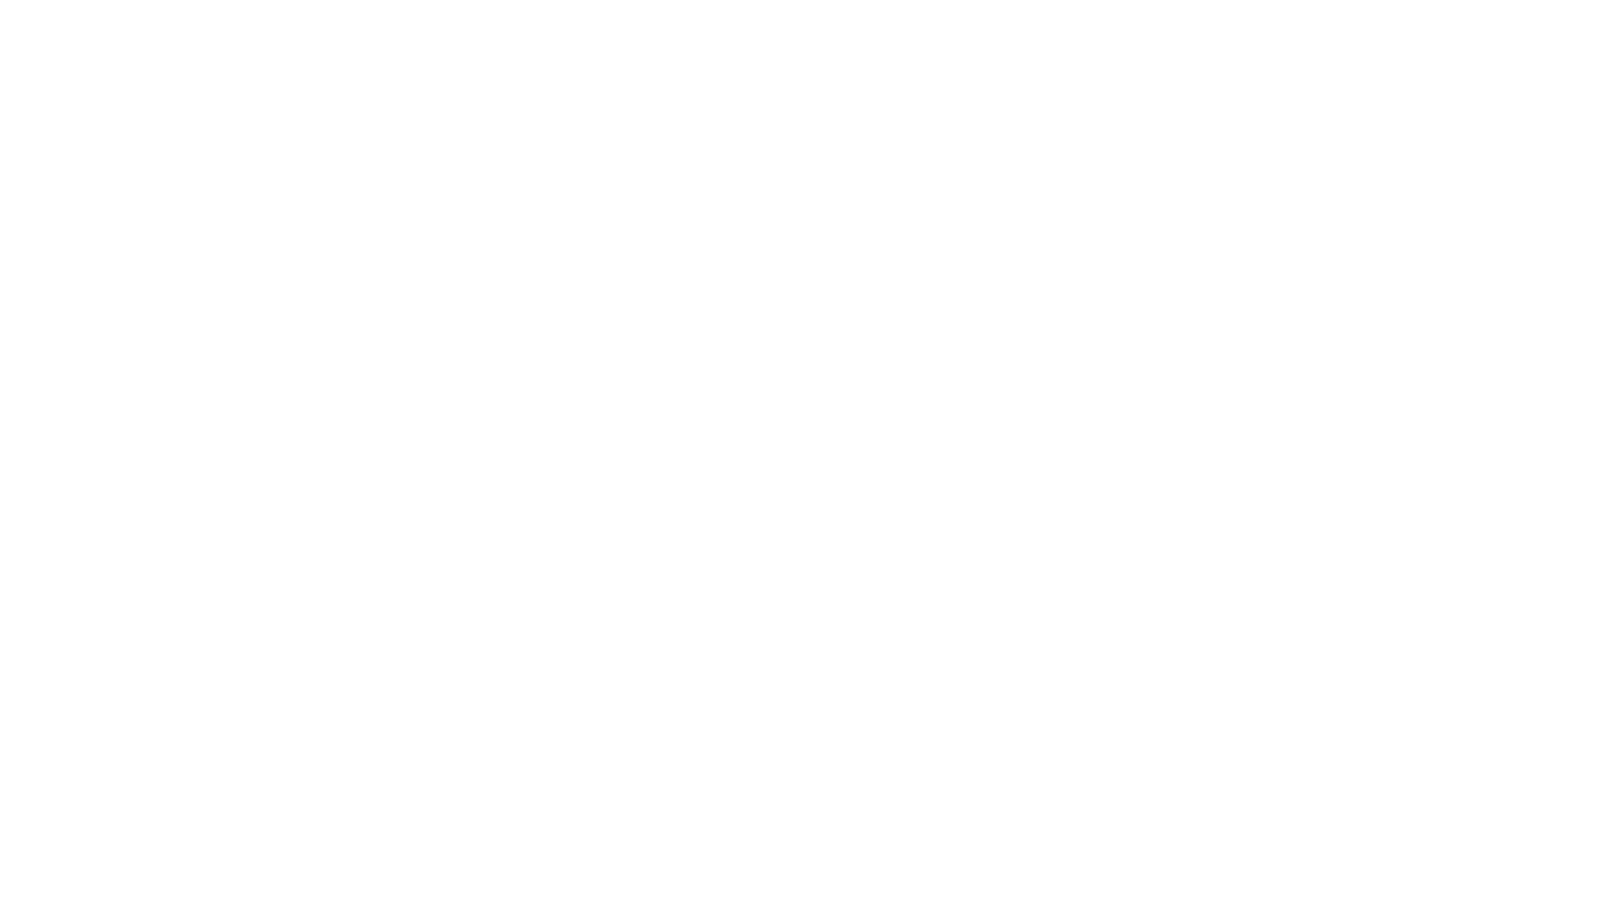 """#ciroimmobile #ambasciatorebuoneazioni #atlasorbis #DirettaAtlasorbis #argosforzedipolizia  CIRO IMMOBILE AMBASCIATORE DELLE BUONE AZIONI  Il calciatore attaccante capitano della Società Sportiva Lazio e calciatore della Nazionale di Calcio Italiana Ciro IMMOBILE è stato insignito mercoledì 12 maggio 2021, allo Stadio Olimpico di ROMA, prima della partita di campionato Lazio – Parma, della nomina di Ambasciatore delle Buone Azioni con decreto ARGOS Associazione Forze di POLIZIA. La premiazione è avvenuta a bordo campo, dove lo stesso ha ritirato la prestigiosa distinzione, direttamente dai vertici dell'Associazione ARGOS Forze di POLIZIA, corredata da un cofanetto contenente un ciondolo a forma di cuore in oro bianco e corallo con inciso il Monumento L'Abbraccio  dedicato a tutti i caduti delle Forze dell'Ordine, realizzato dal maestro orafo Giovanni PALLOTTA. La motivazione della premiazione rivolta al calciatore per i """"valori della famiglia e del bene sociale portati avanti in campo come nella vita"""" Sempre a bordo campo tra l'Associazione ARGOS Forze di POLIZIA e il calciatore IMMOBILE anche lo scambio di maglie ufficiali, quella ARGOS Soccer TEAM decorata dal titolo di Ambasciatori di Pace, del Fair Play, Giustizia e Legalità e quella della S.S. Lazio con una speciale scritta con il nome ARGOS sul retro maglia. Il particolare momento di premiazione, rientra nel progetto A.MA.MI. – Sicurezza Musica e Sport uniti per la lotta contro la violenza sulle donne e la violenza di genere, promosso dalla Società Sportiva Lazio e dall'Associazione ARGOS Forze di POLIZIA per rafforzare il legame che coesiste tra organizzazioni associative di utilità sociale che si adoperano per la sicurezza e lo sport, unendo anche il potere comunicativo della musica. Proprio in tema musica è stato cantato il brano allo Stadio Olimpico A.MA.MI. della band musicale """"The BEST ABBA The Best"""".  Presenti anche i dirigenti di ACE TOUR, Top Partner dell'Associazione ARGOS Forze di POLIZIA.  Si ringr"""